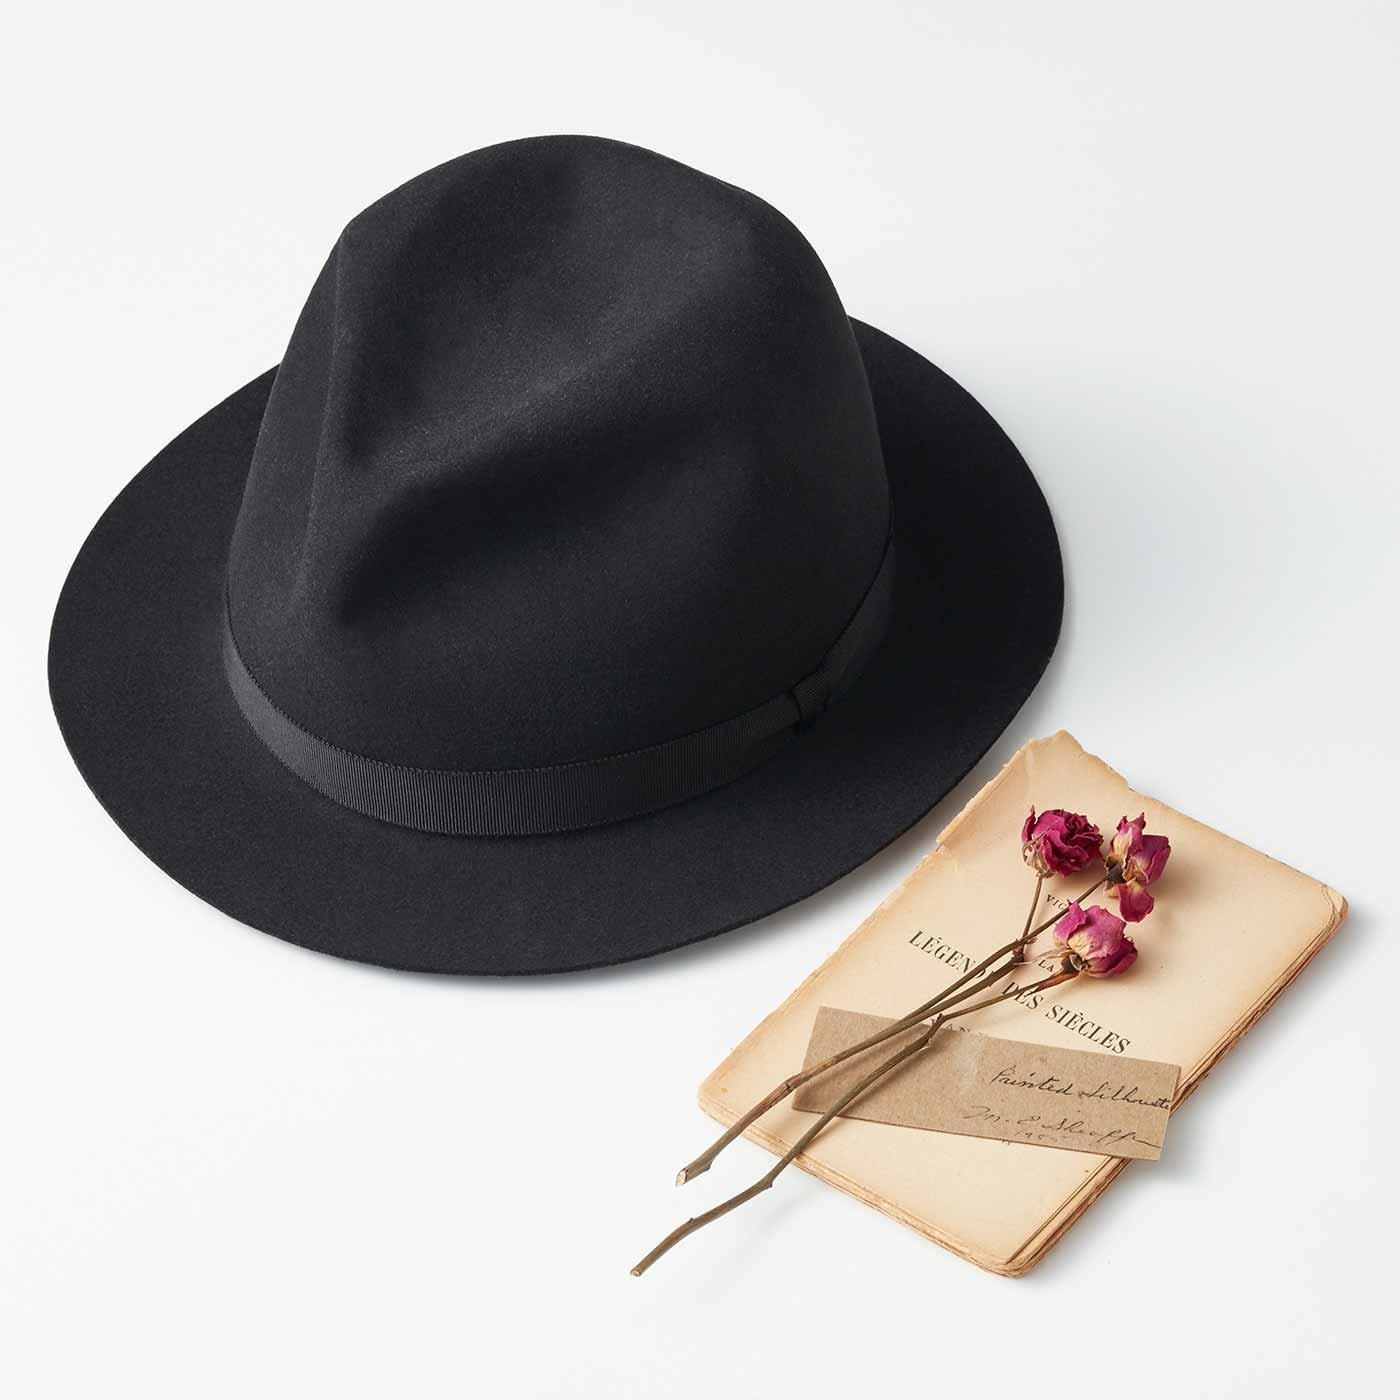 海を渡って届いた 夢の職人仕立て ポルトガルフェルト帽子〈クラシックブラック〉[帽子:日本製]